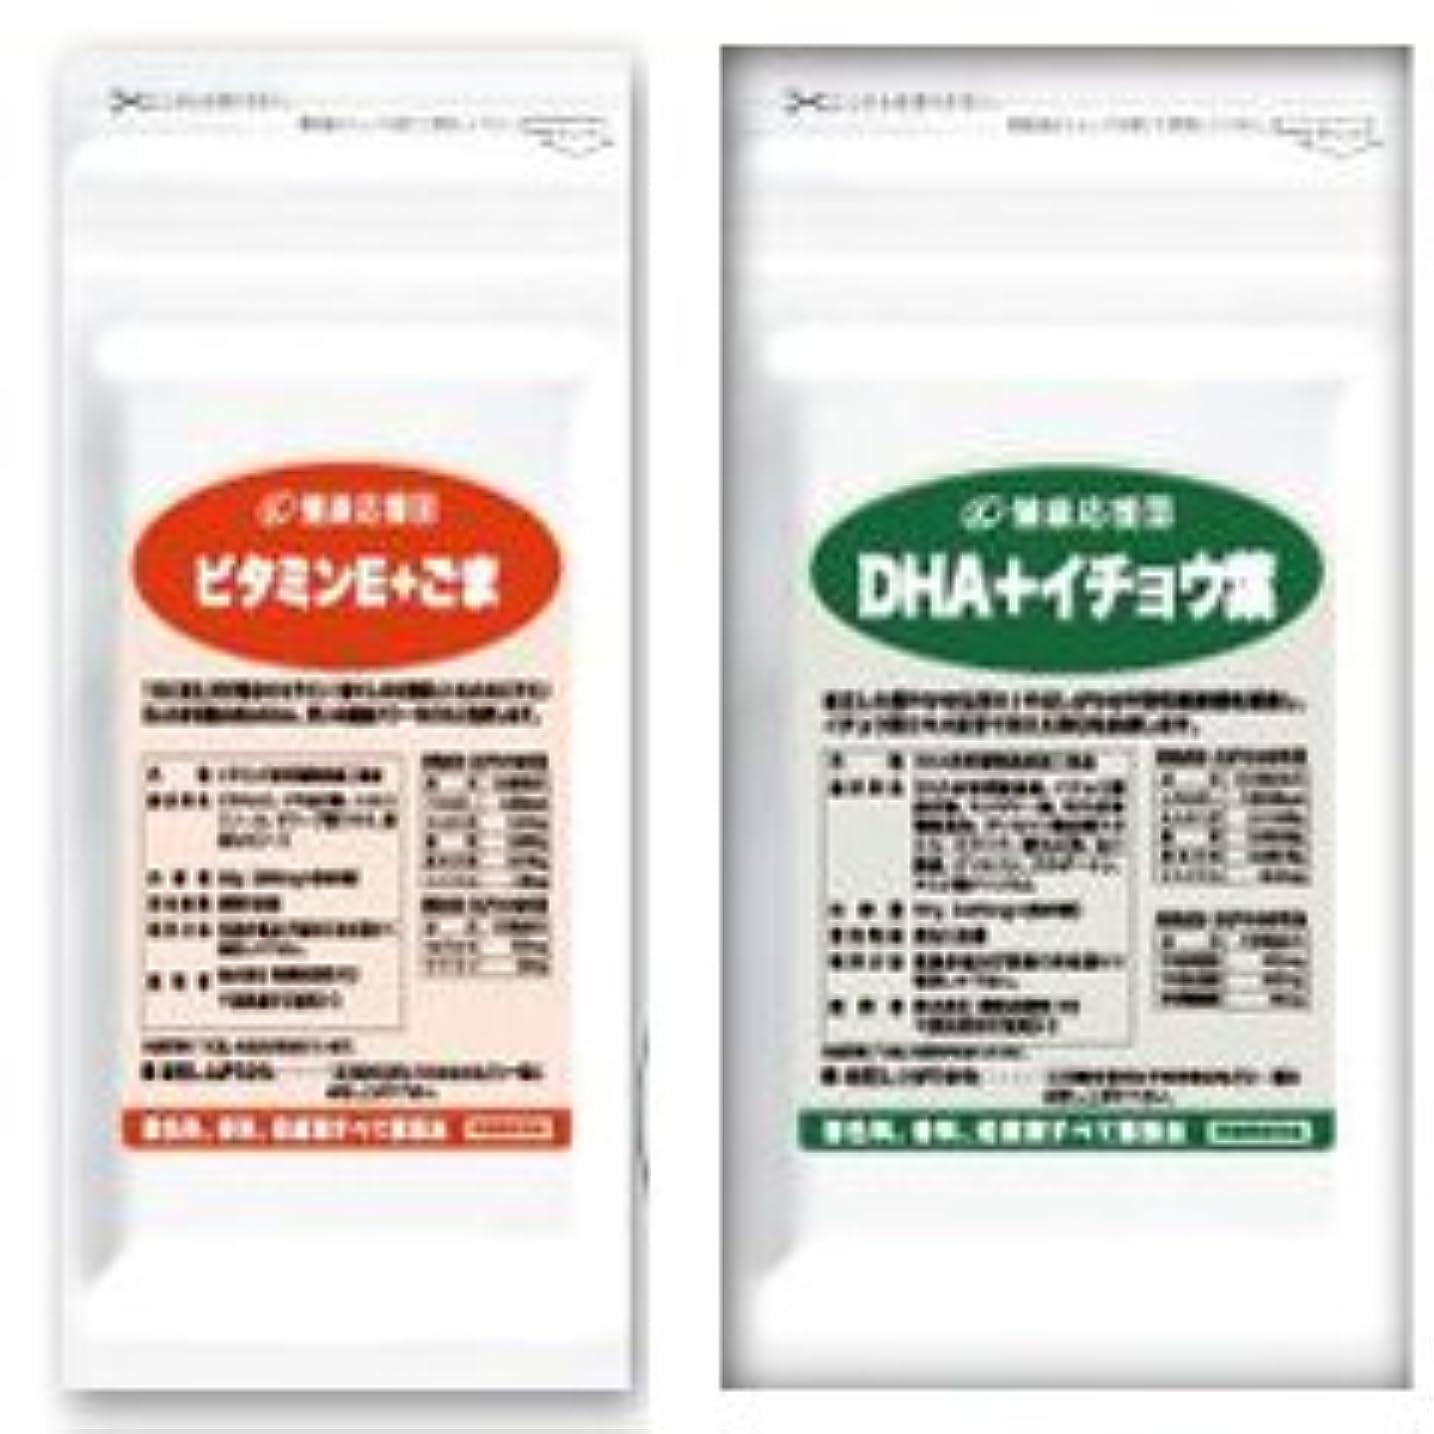 電子孤独相続人(お徳用6か月分)毎日元気セット (ビタミンE+ごま) + (DHA+イチョウ葉エキス)6袋&6袋セット (DHA?EPA?ビタミンE?セサミン)